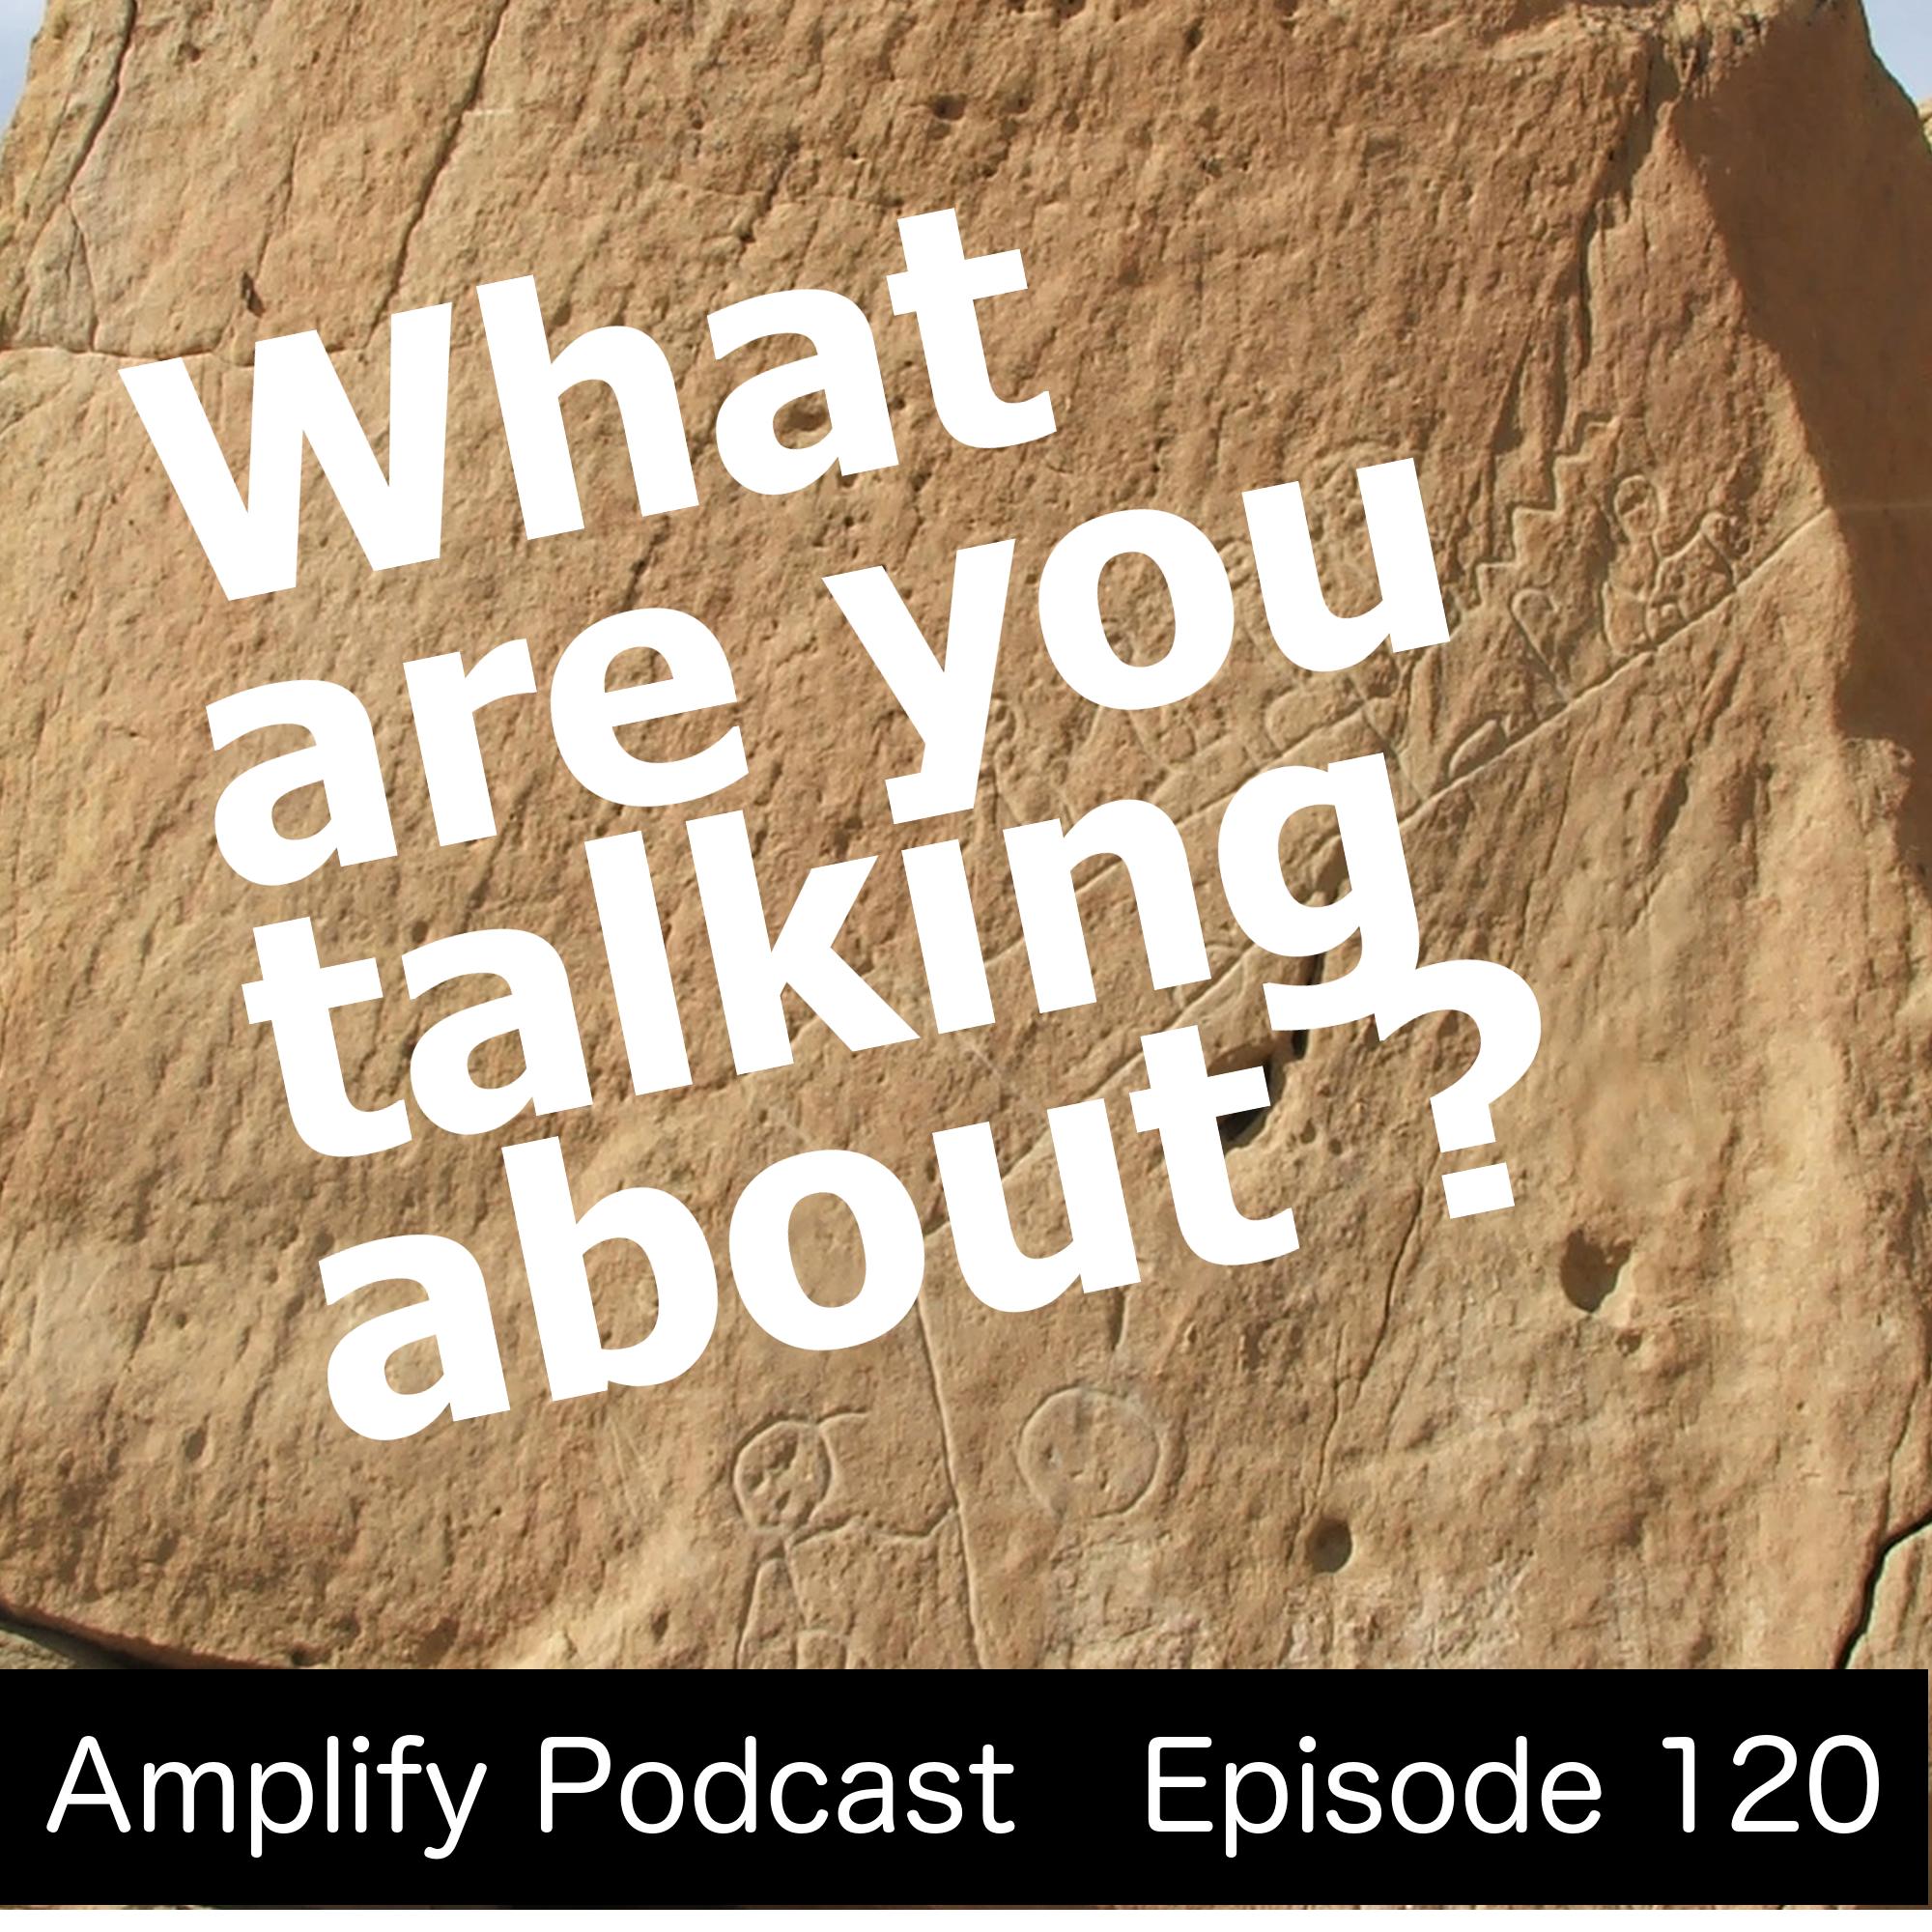 Amplify Podcast